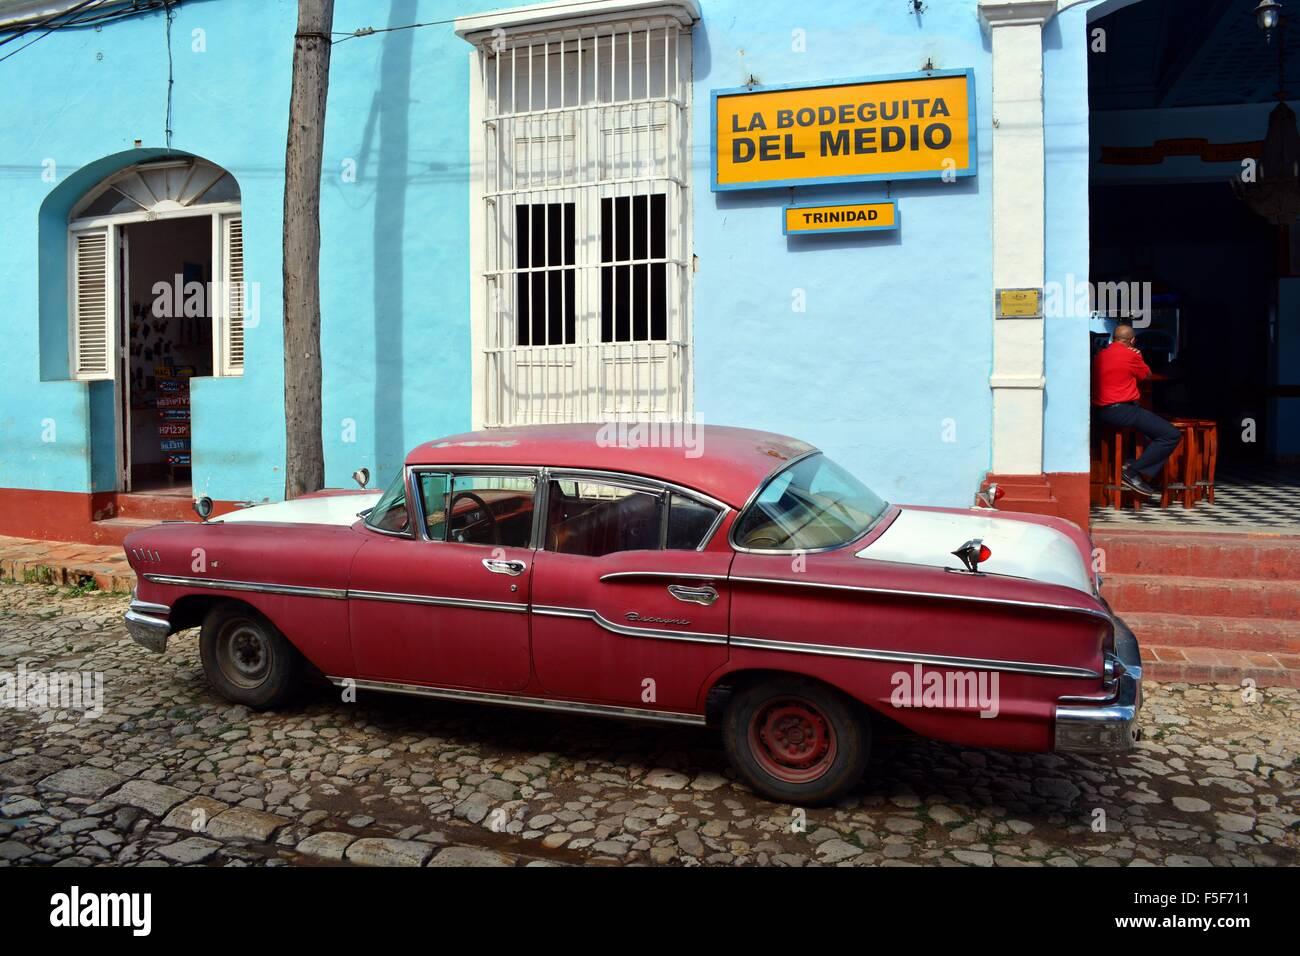 Lokaler Mann saß in der Bodeguita del Medio in Trinidad Kuba auf einen ruhigen Nachmittag mit einem roten und Stockbild